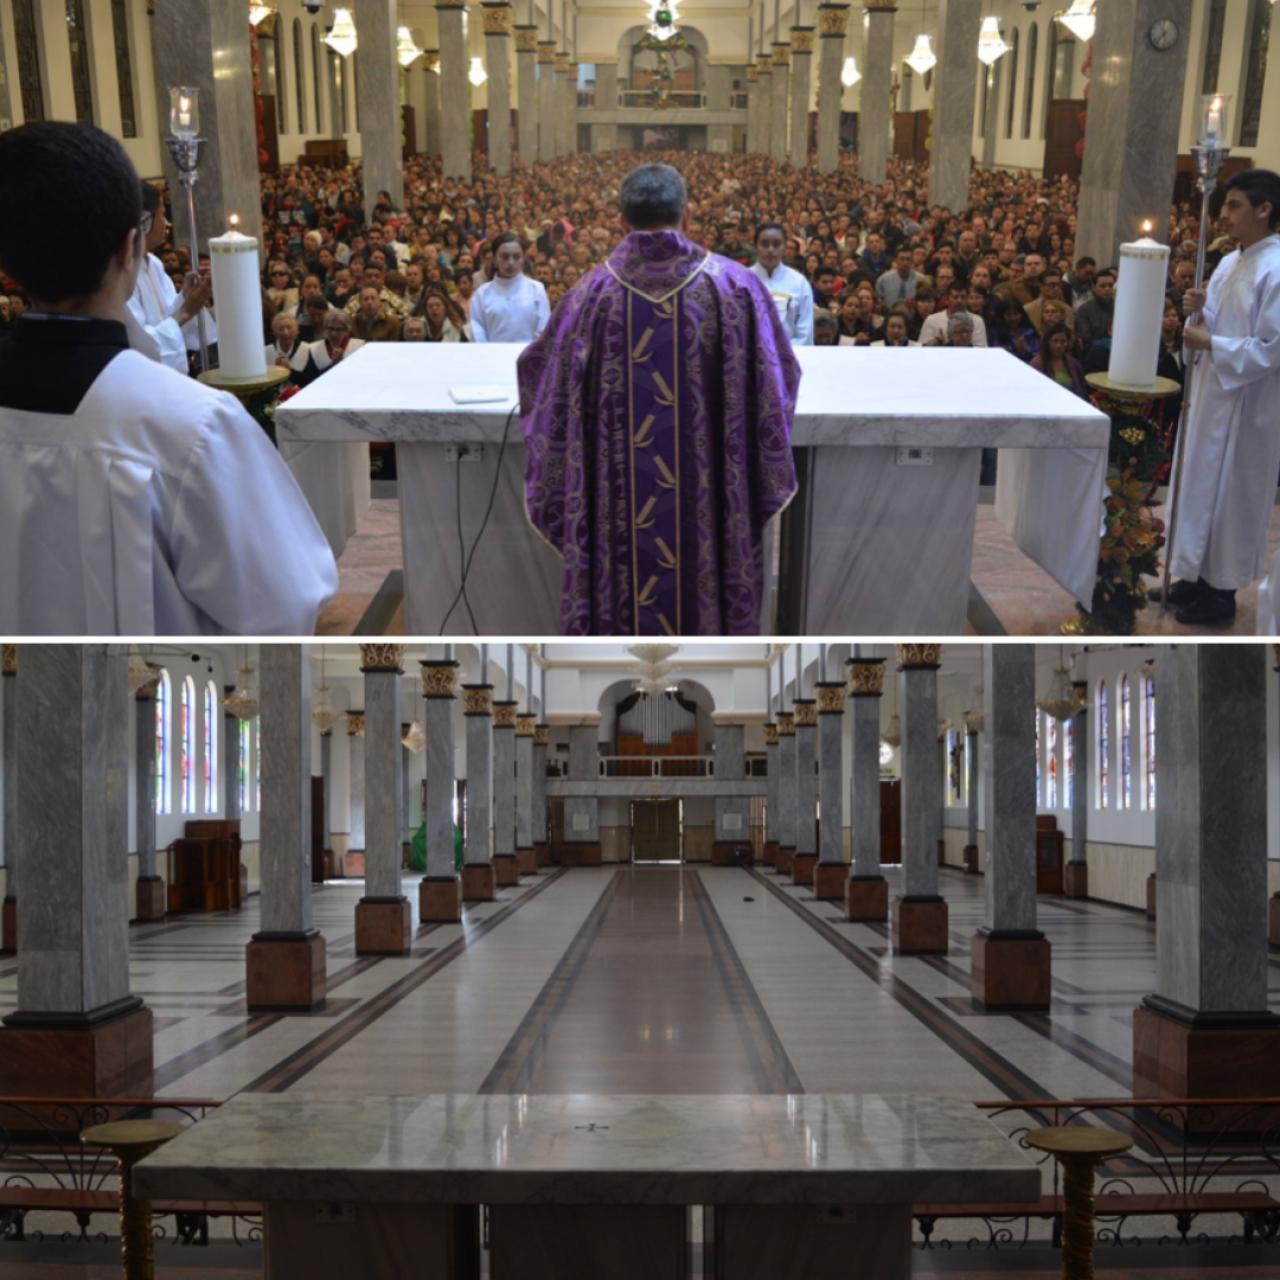 La Iglesia del Niño Jesús del 20 de Julio y su transformación en la pandemia